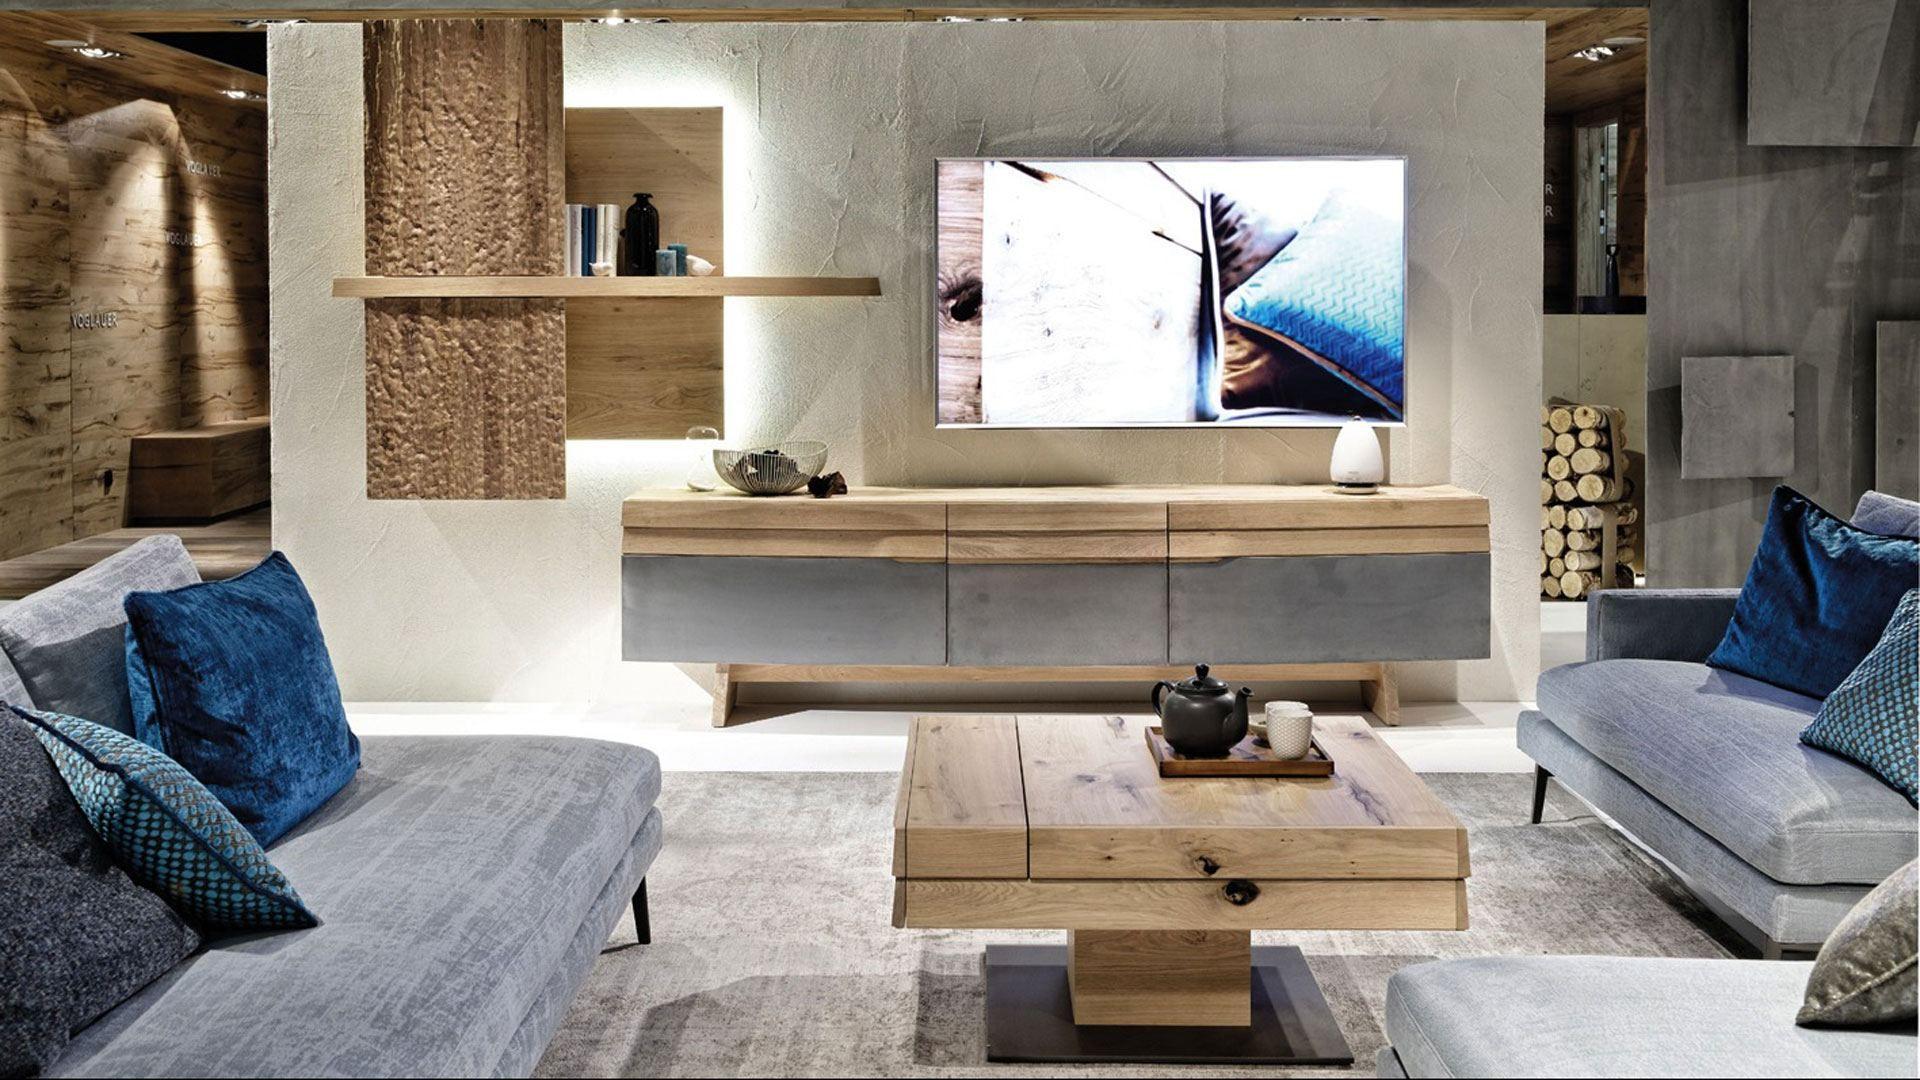 massivholzm bel von natur aus kologisch tv m bel wohnzimmer und musterhaus. Black Bedroom Furniture Sets. Home Design Ideas